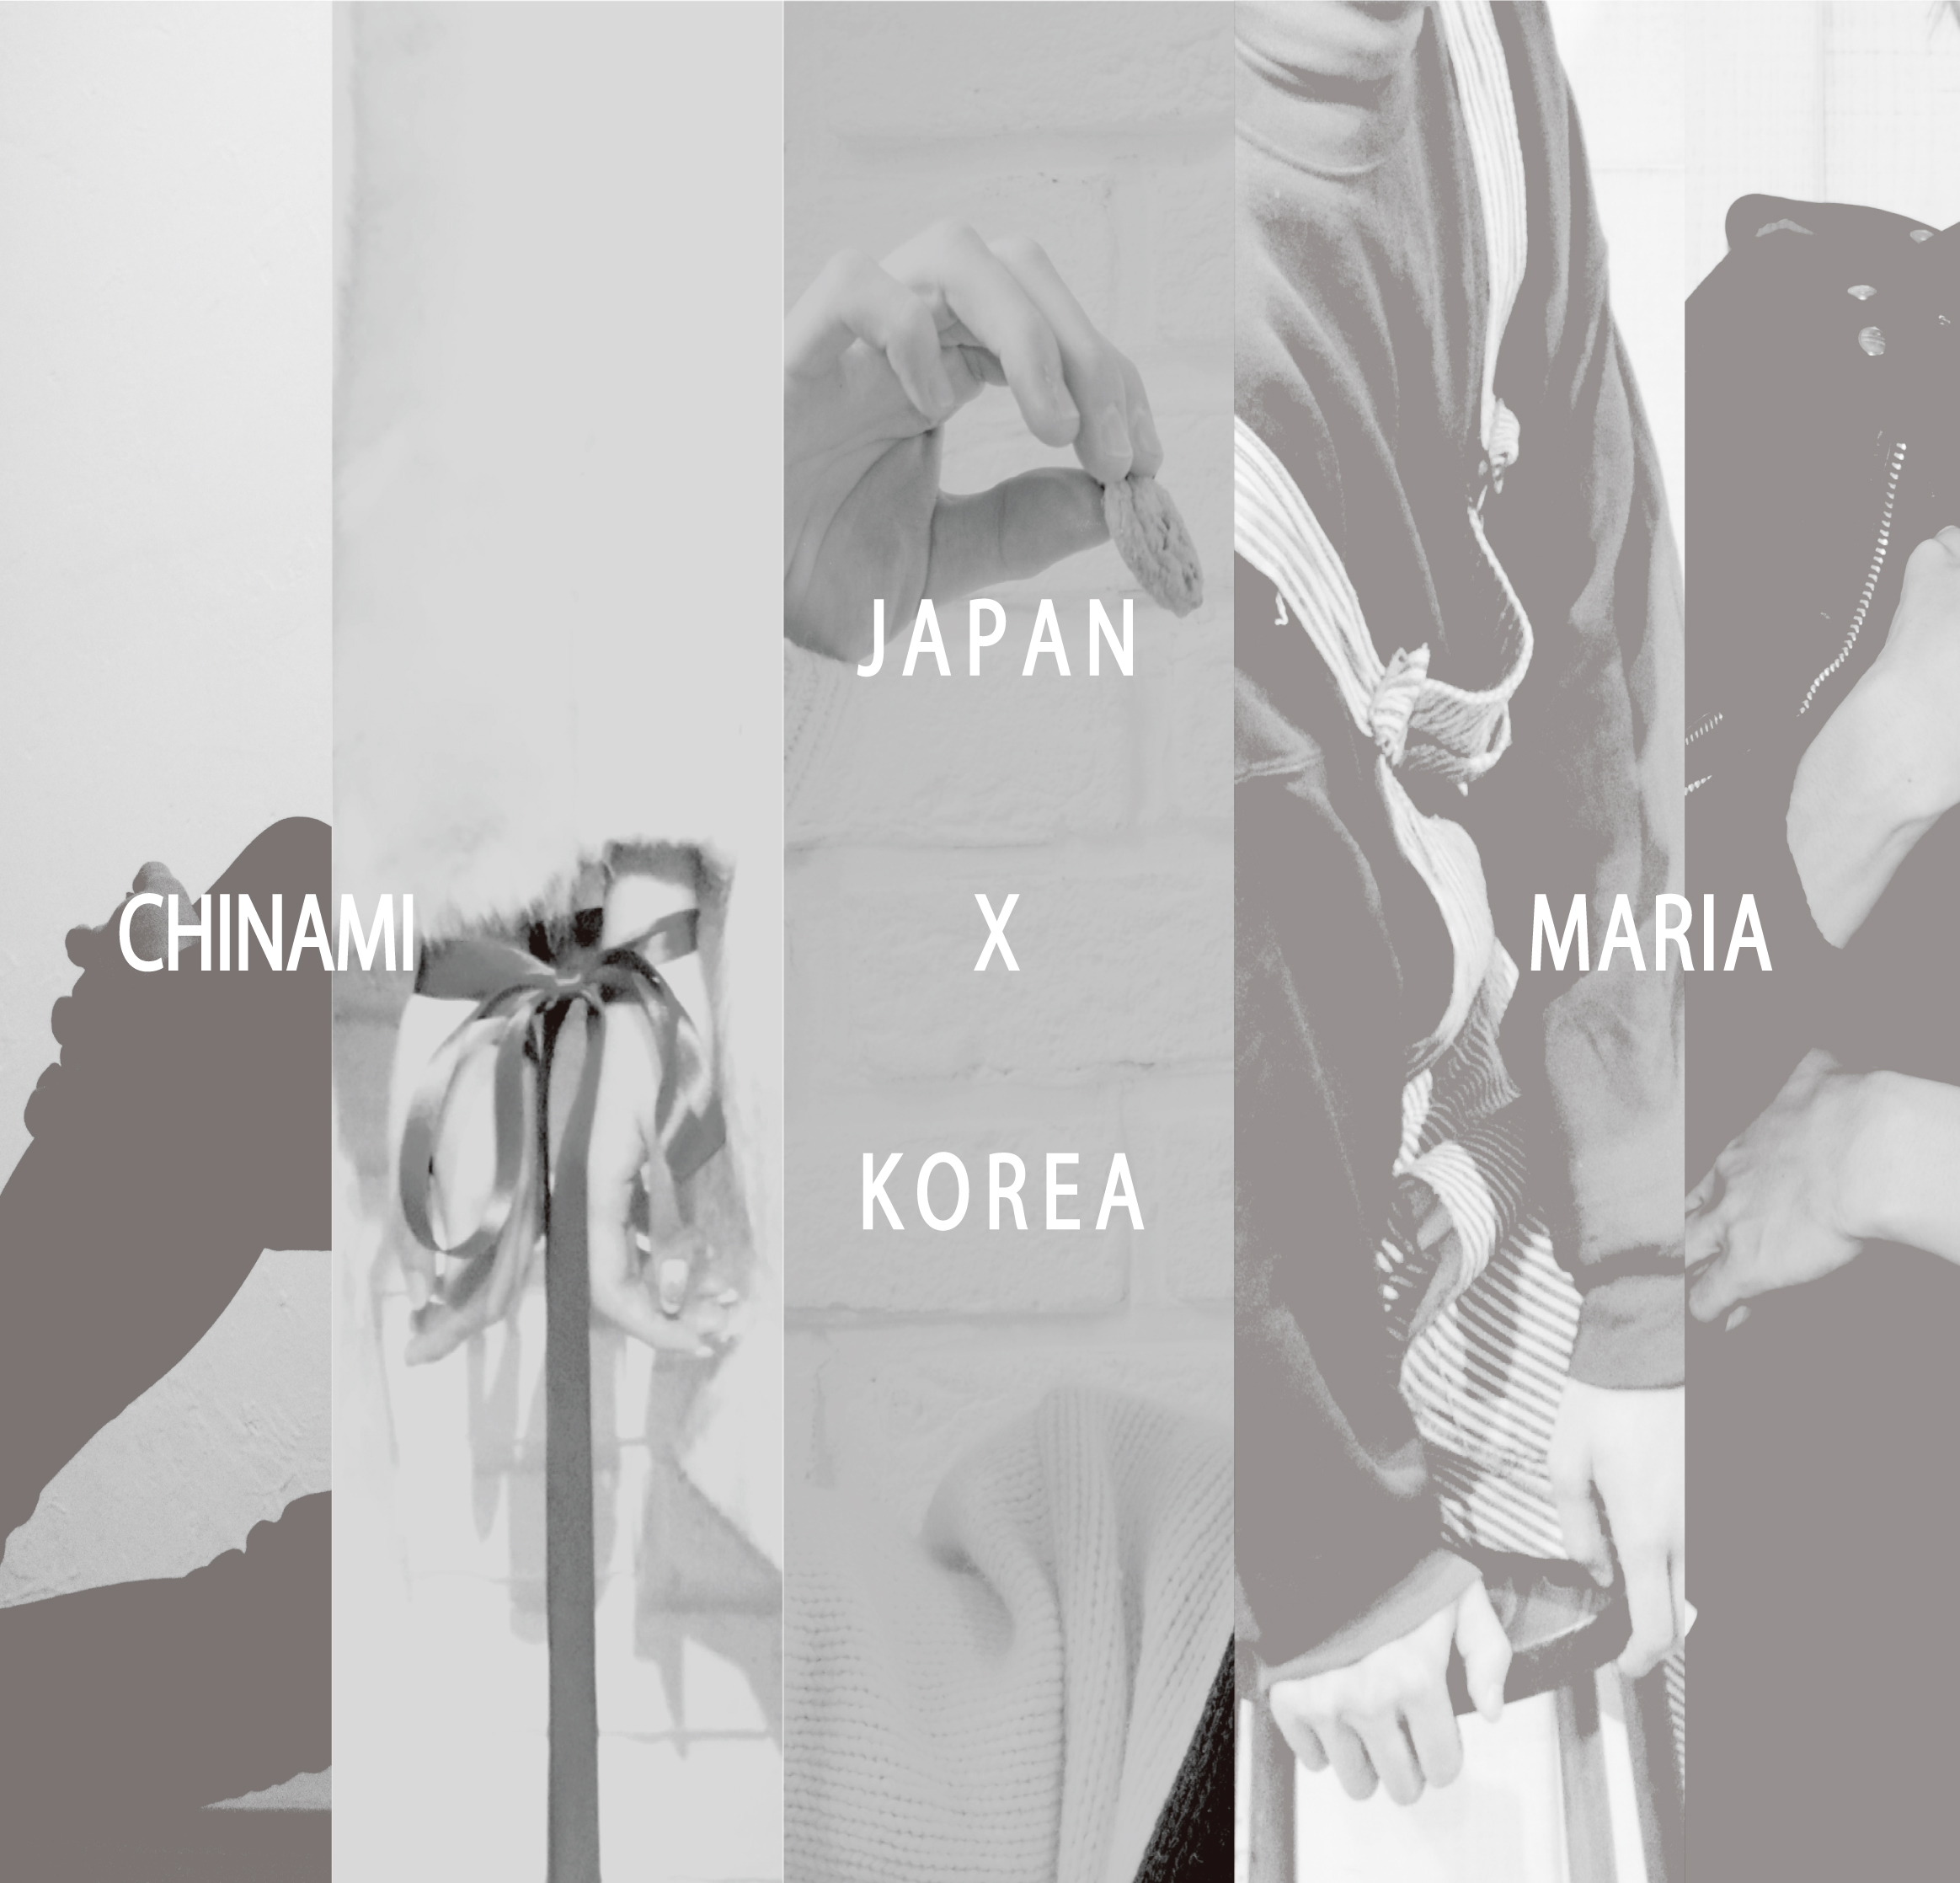 韓国と日本を繋げたいという彼女の想いから!!コラボZINE販売!!